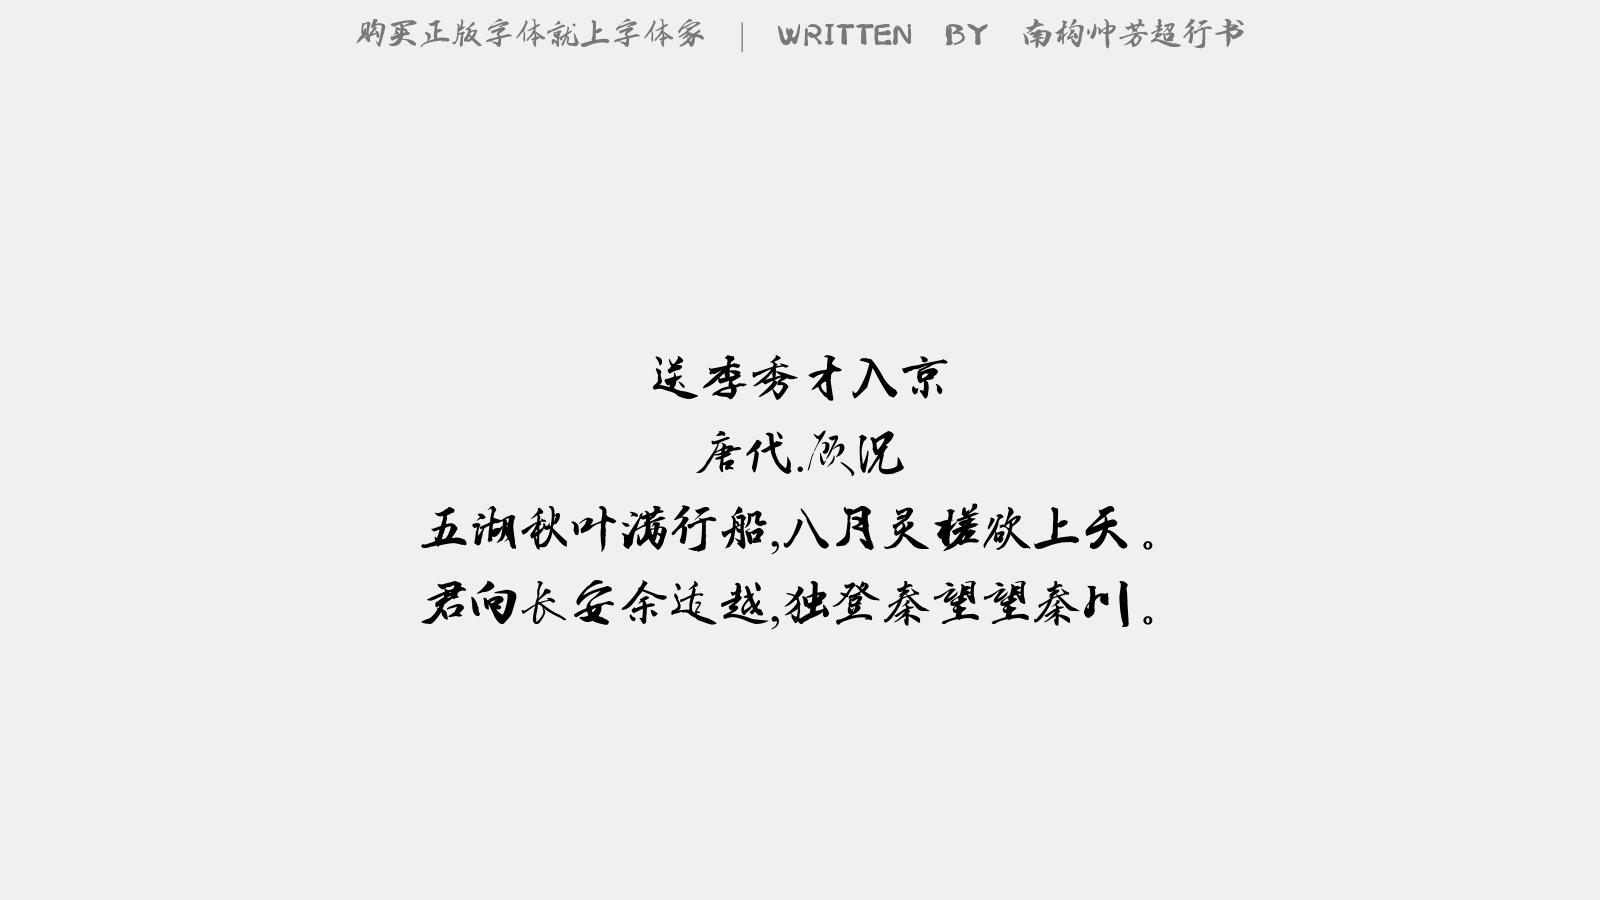 南構帥芳超行書 - 送李秀才入京